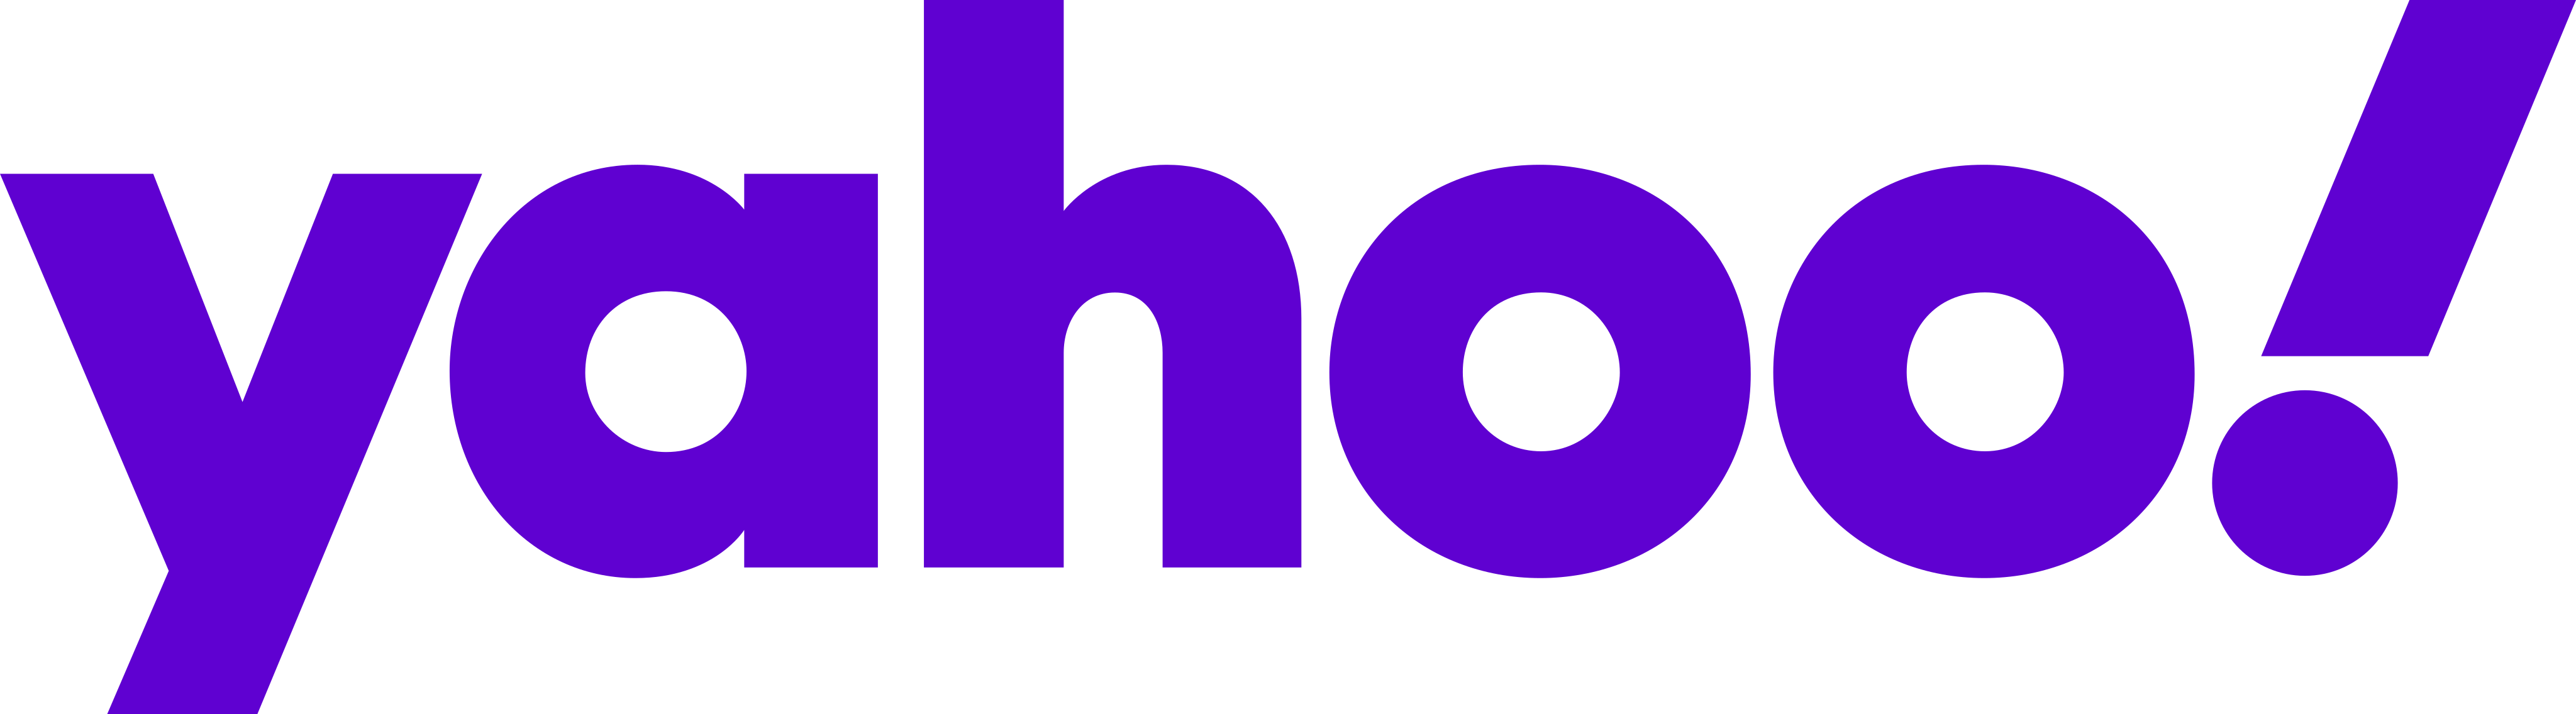 yahoo logo png free download 3